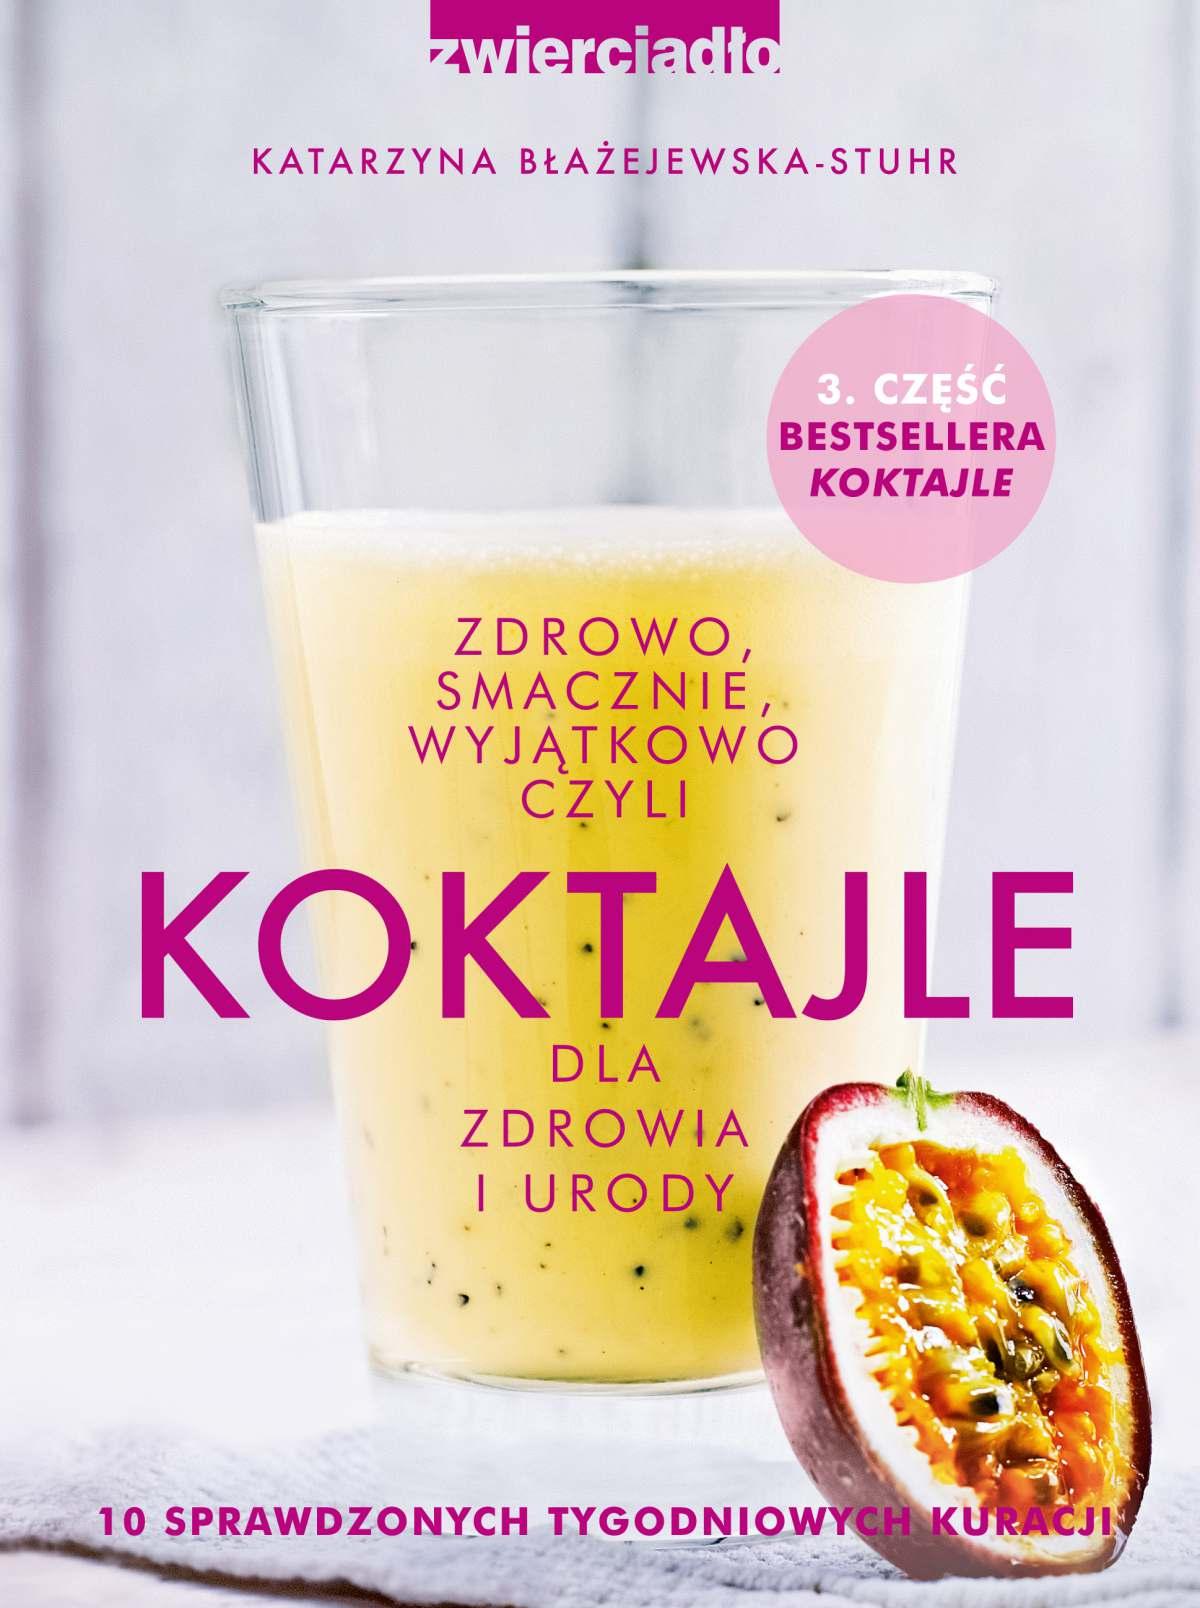 Koktajle dla zdrowia i urody 3, czyli zdrowo, smacznie, wyjątkowo. - Ebook (Książka EPUB) do pobrania w formacie EPUB